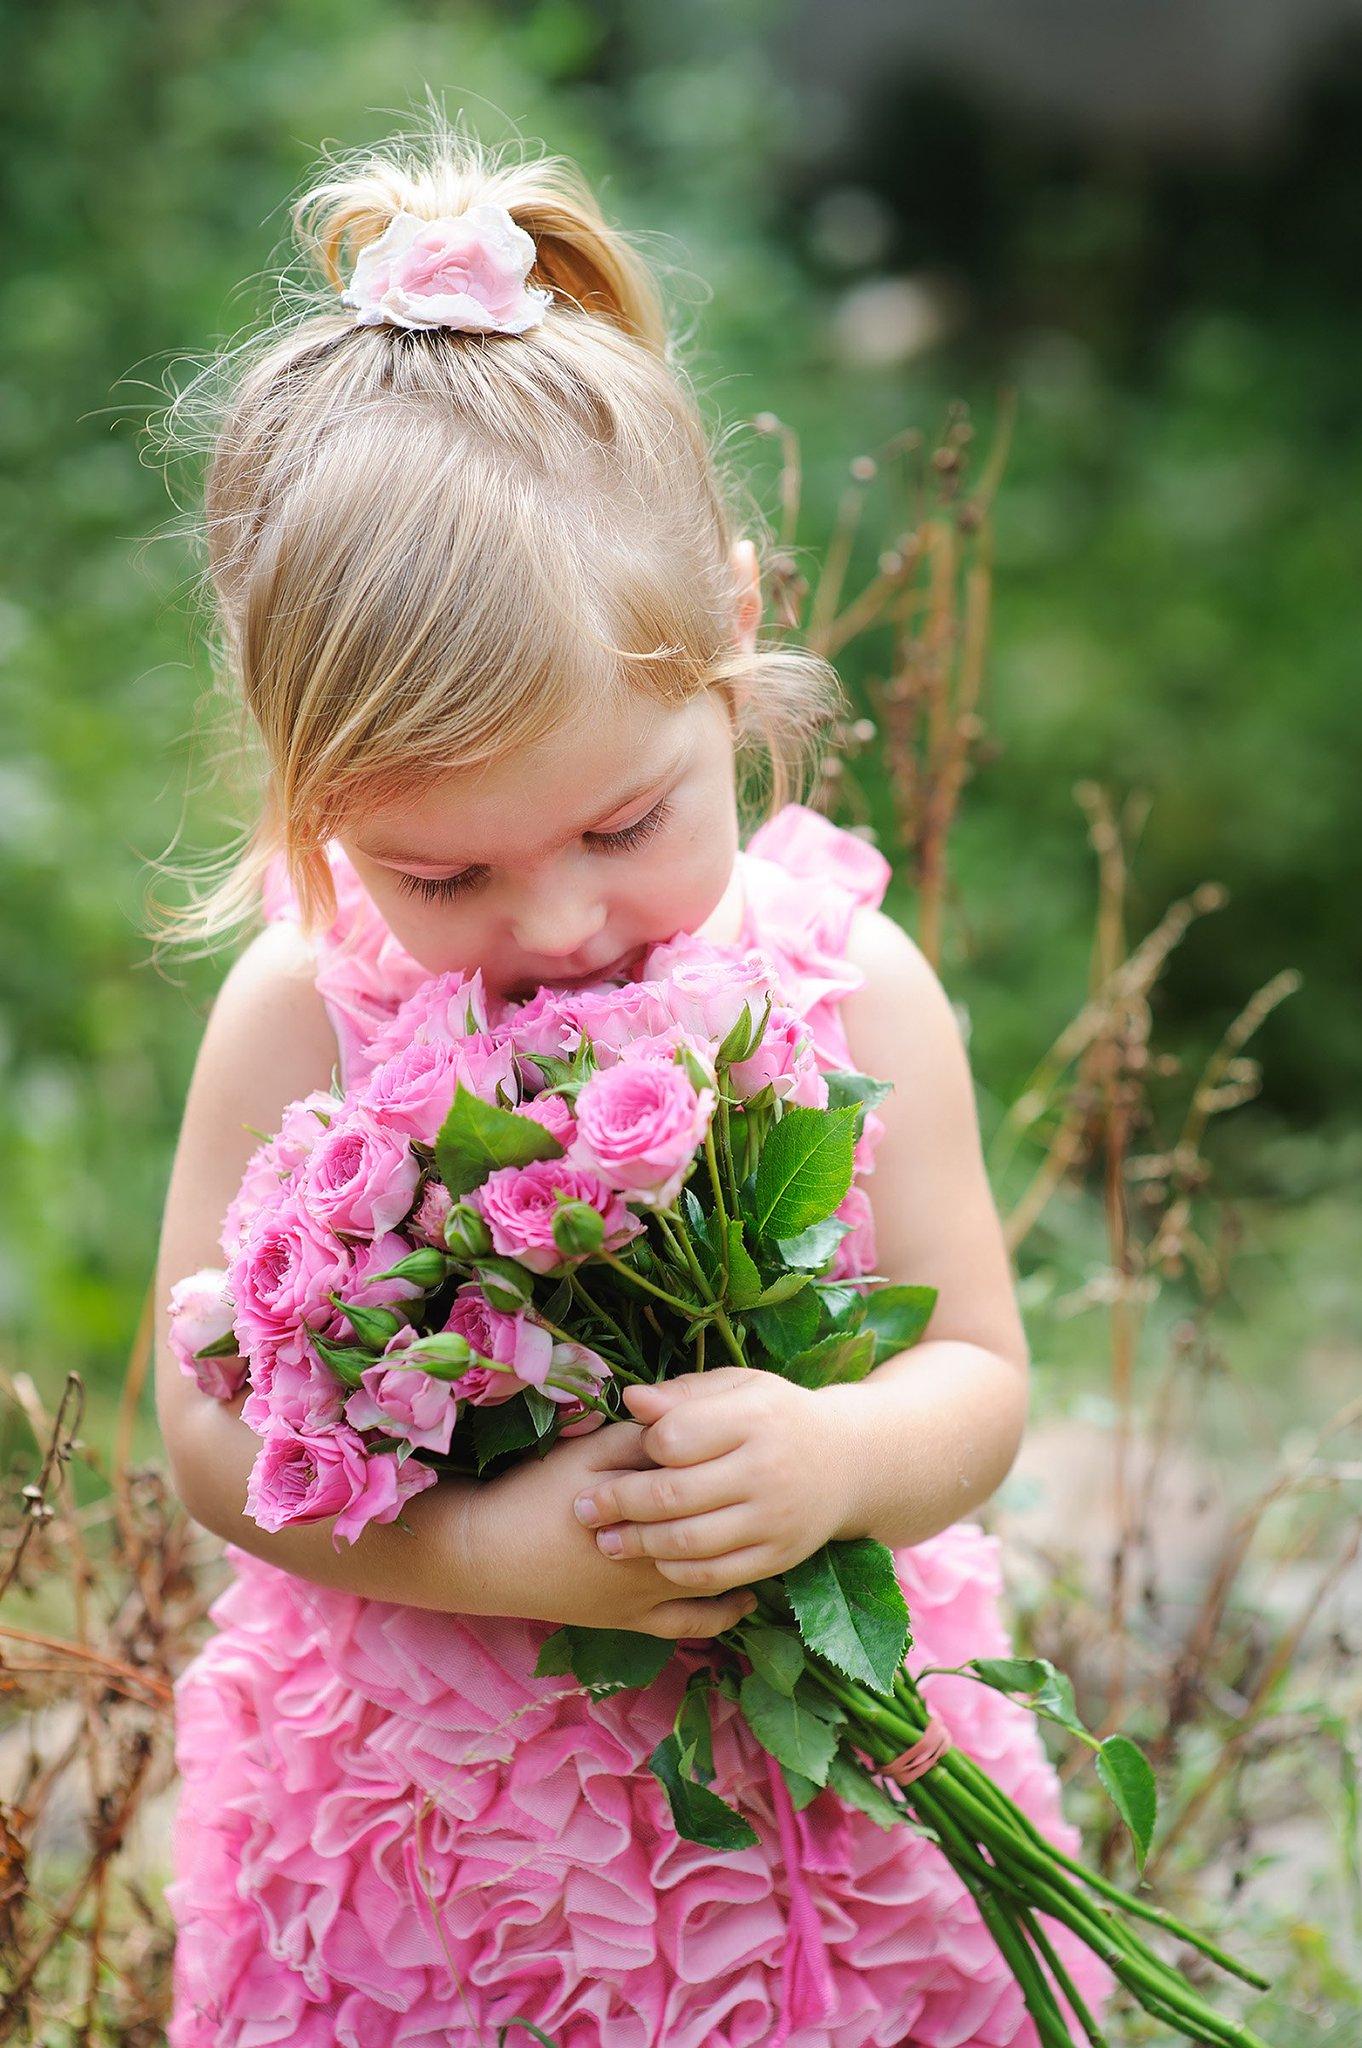 Смешные картинки детей с цветами, днем рождения поздравления